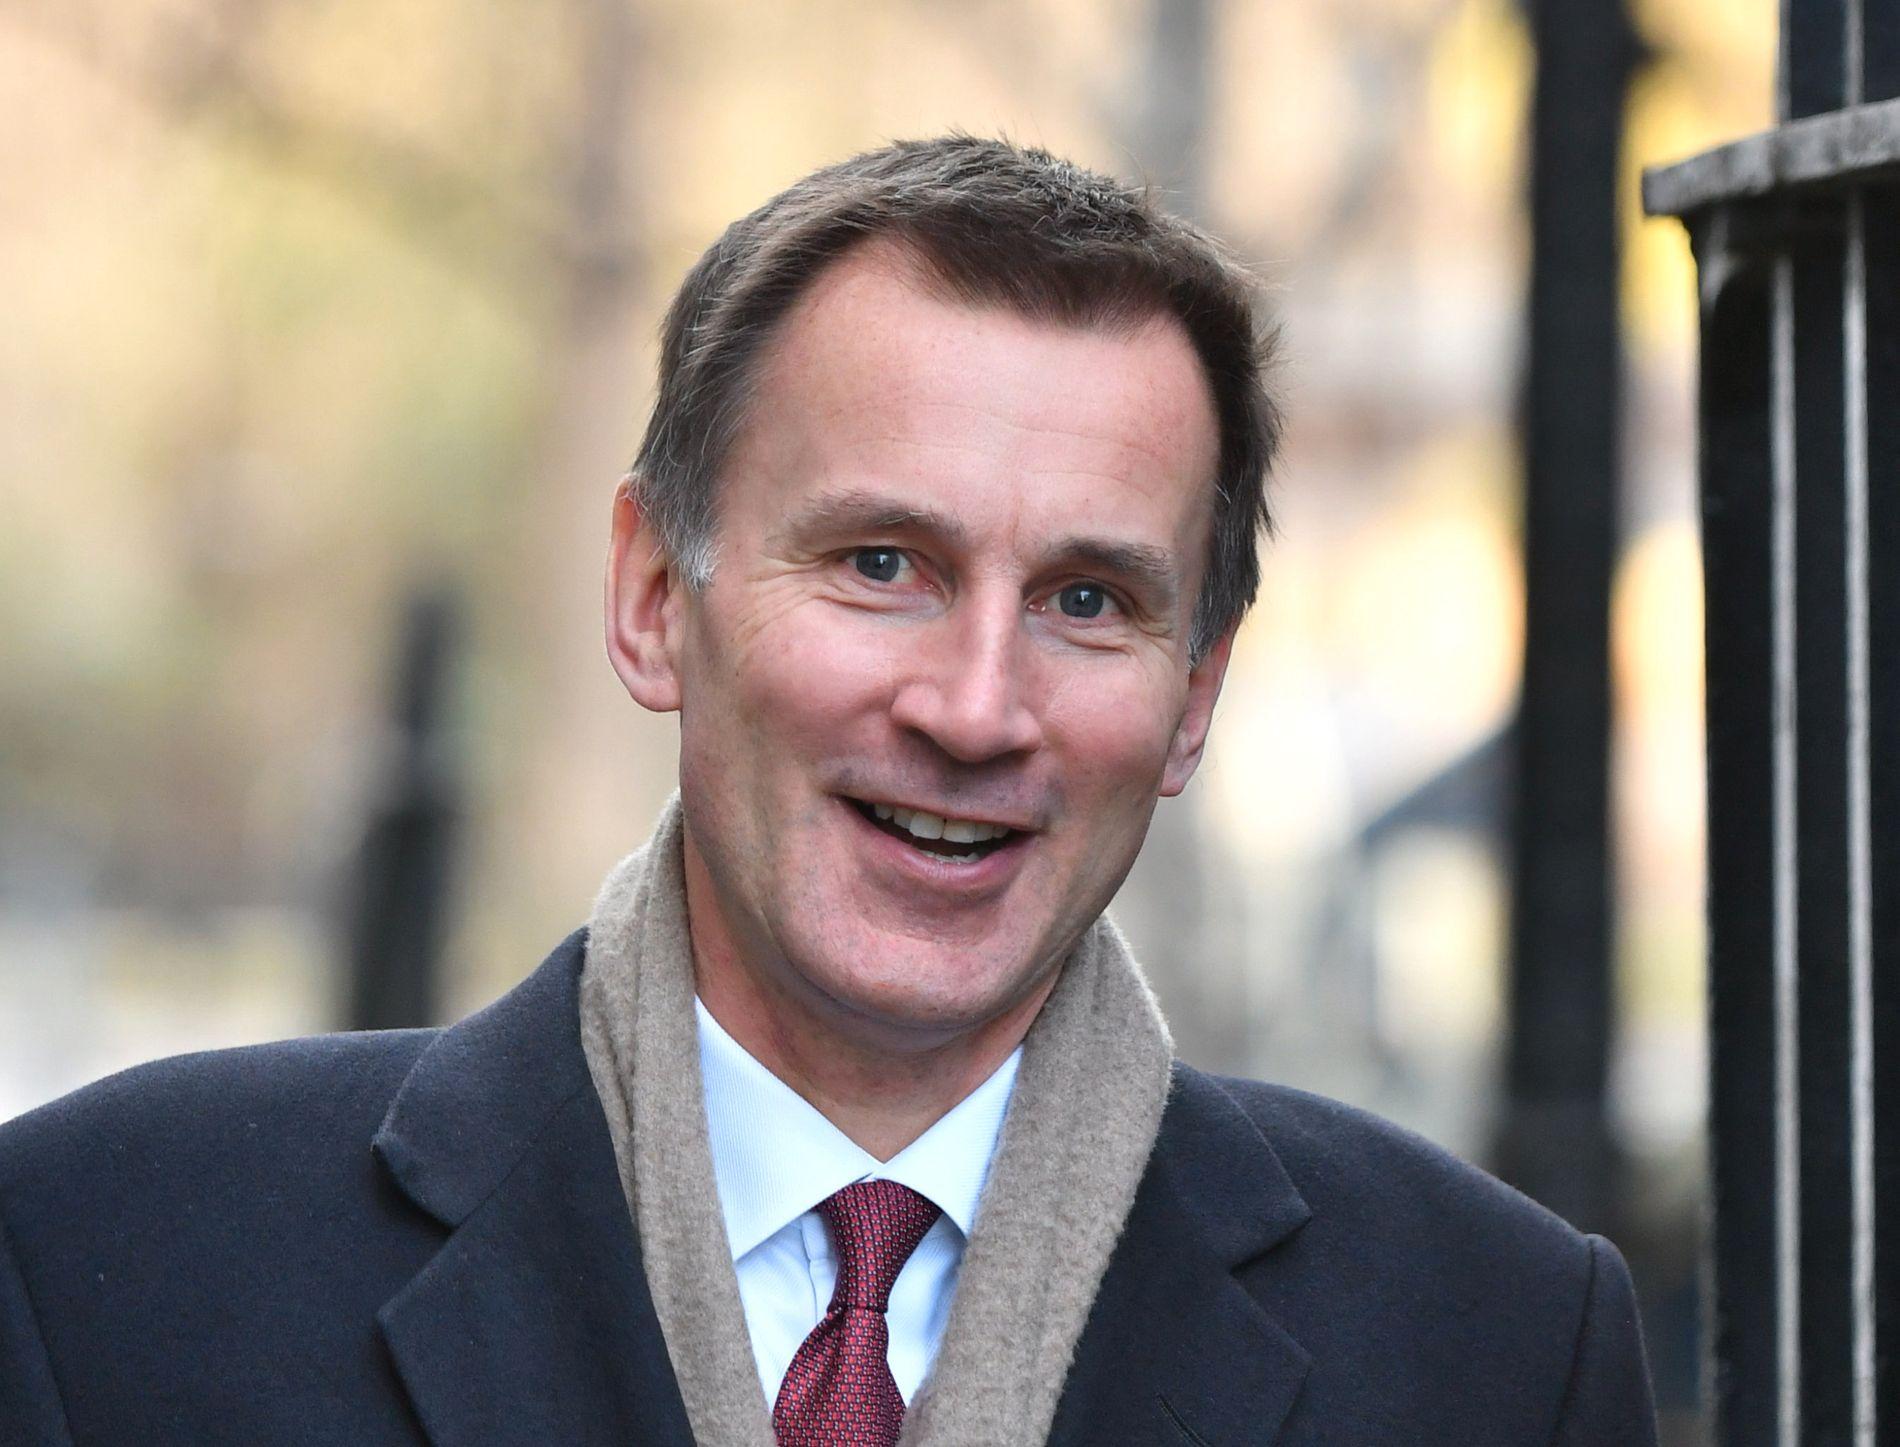 UTENRIKSMINISTER: Jeremy Hunt overtok som Storbritannias utenriksminsiter etter at Boris Johnson forlot posten i protest.